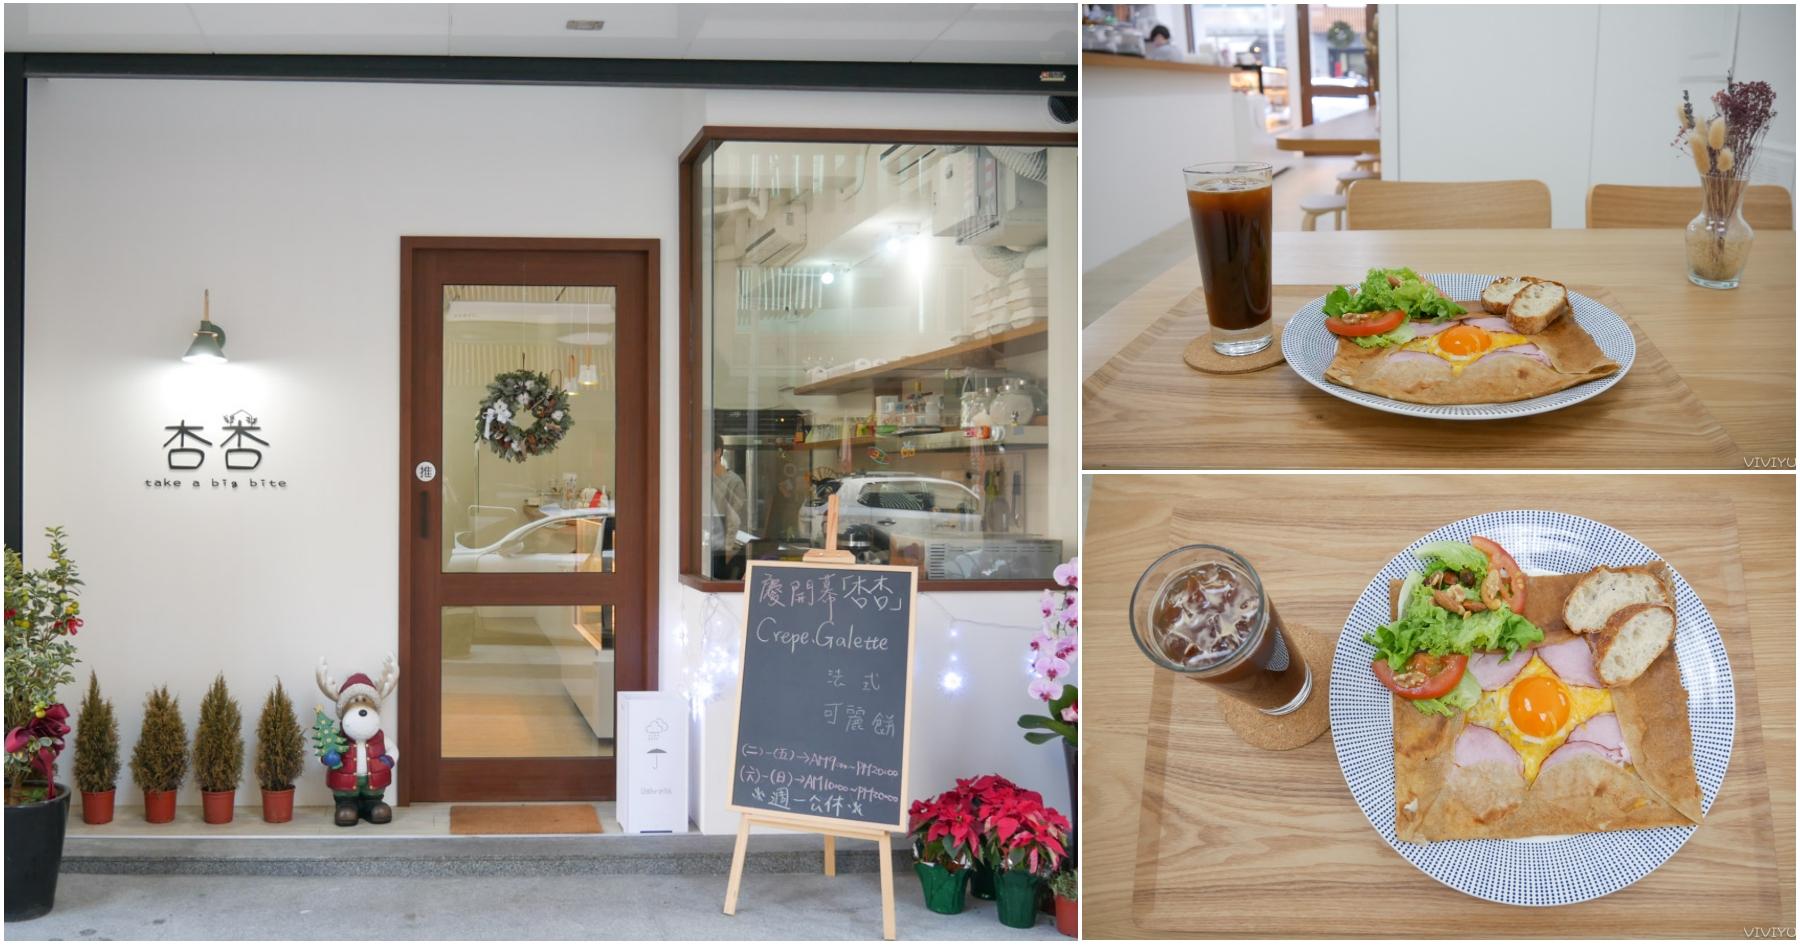 最新推播訊息:[龜山美食]杏杏shinshin.crepe|林口長庚對面巷弄之中的法式可麗餅專賣店~軟式香甜口感餅皮